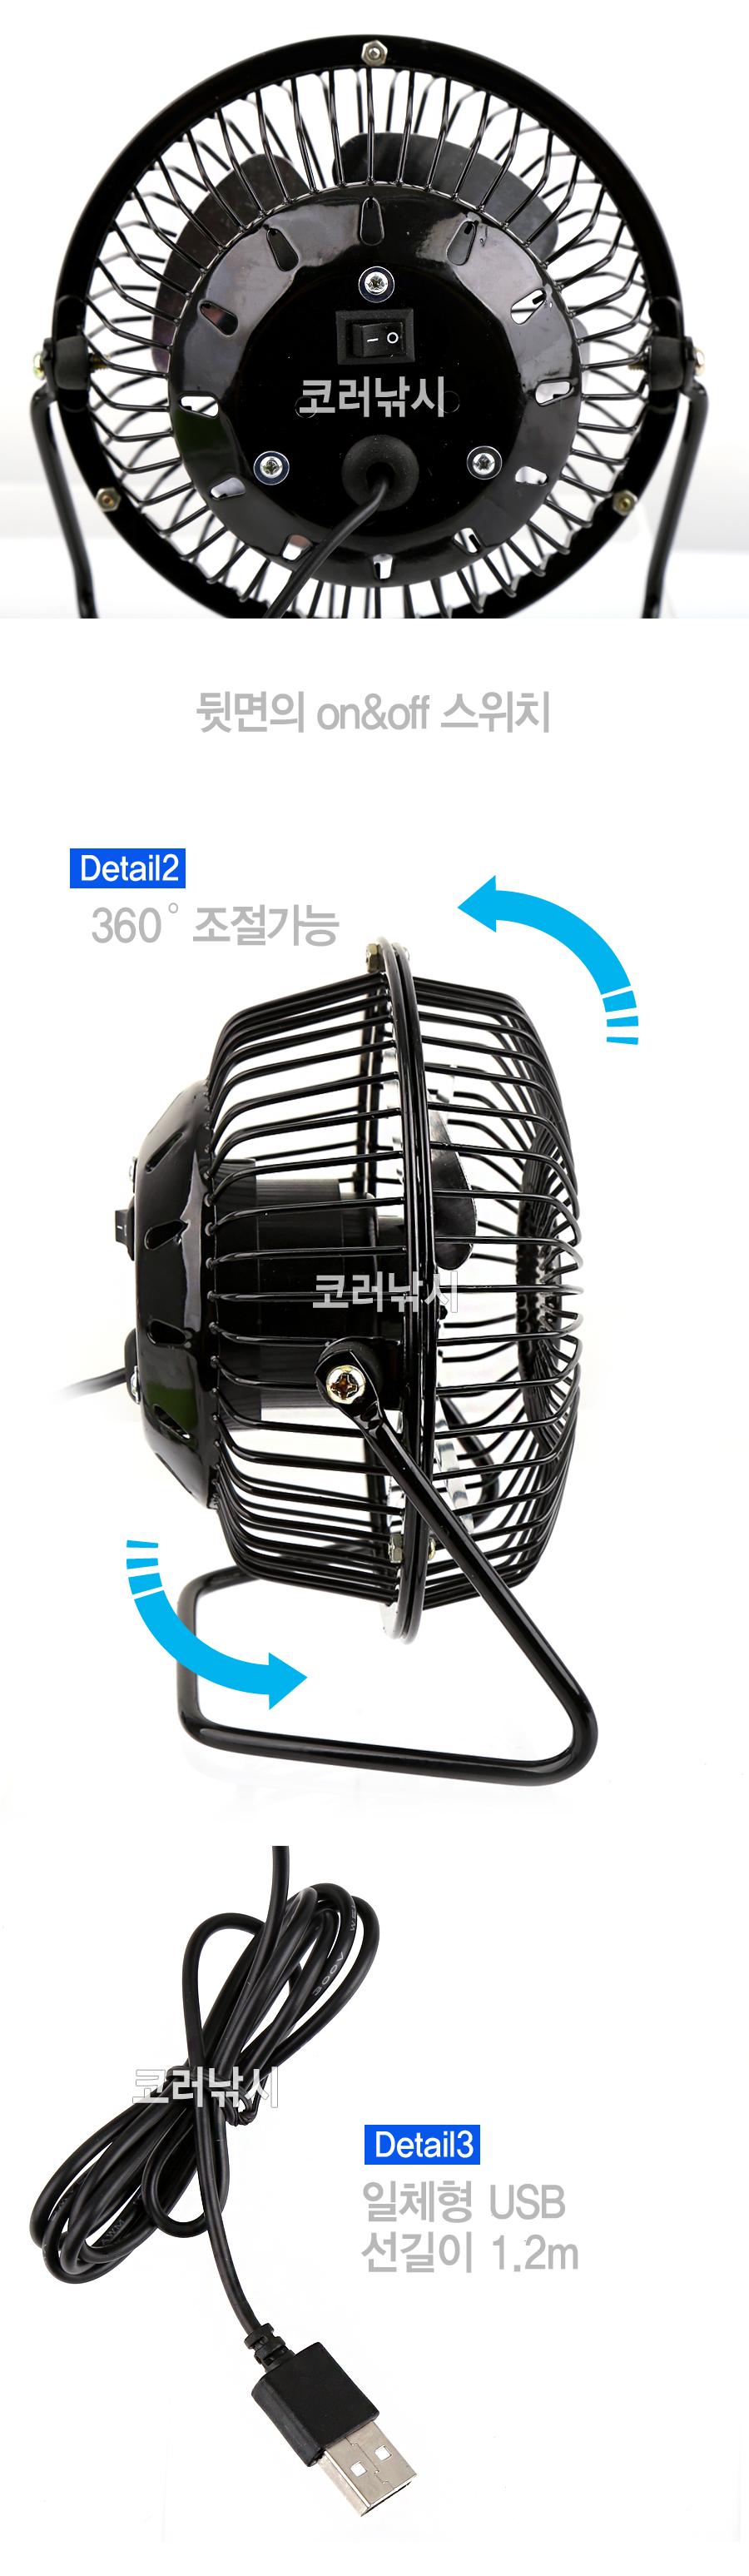 USB 미디엄 탁상용선풍기 휴대용선풍기 미니선풍기 파워뱅크선풍기